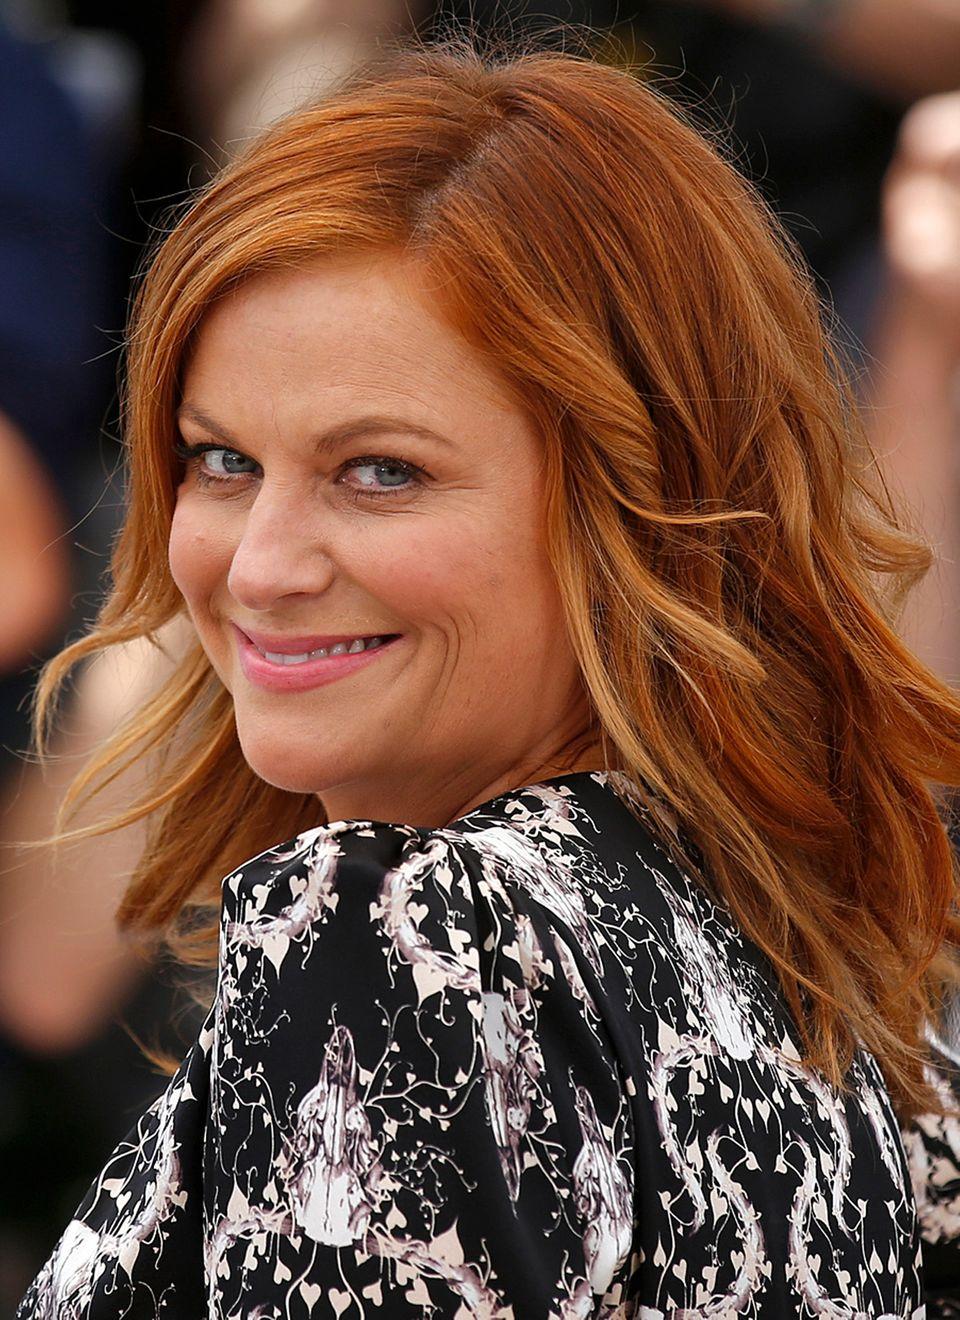 Mit frisch gefärbtem, papayarotem Haar präsentiert sich eine strahlende und eigentlich hellblonde Amy Poehler bei einem Fototermin in Cannes.